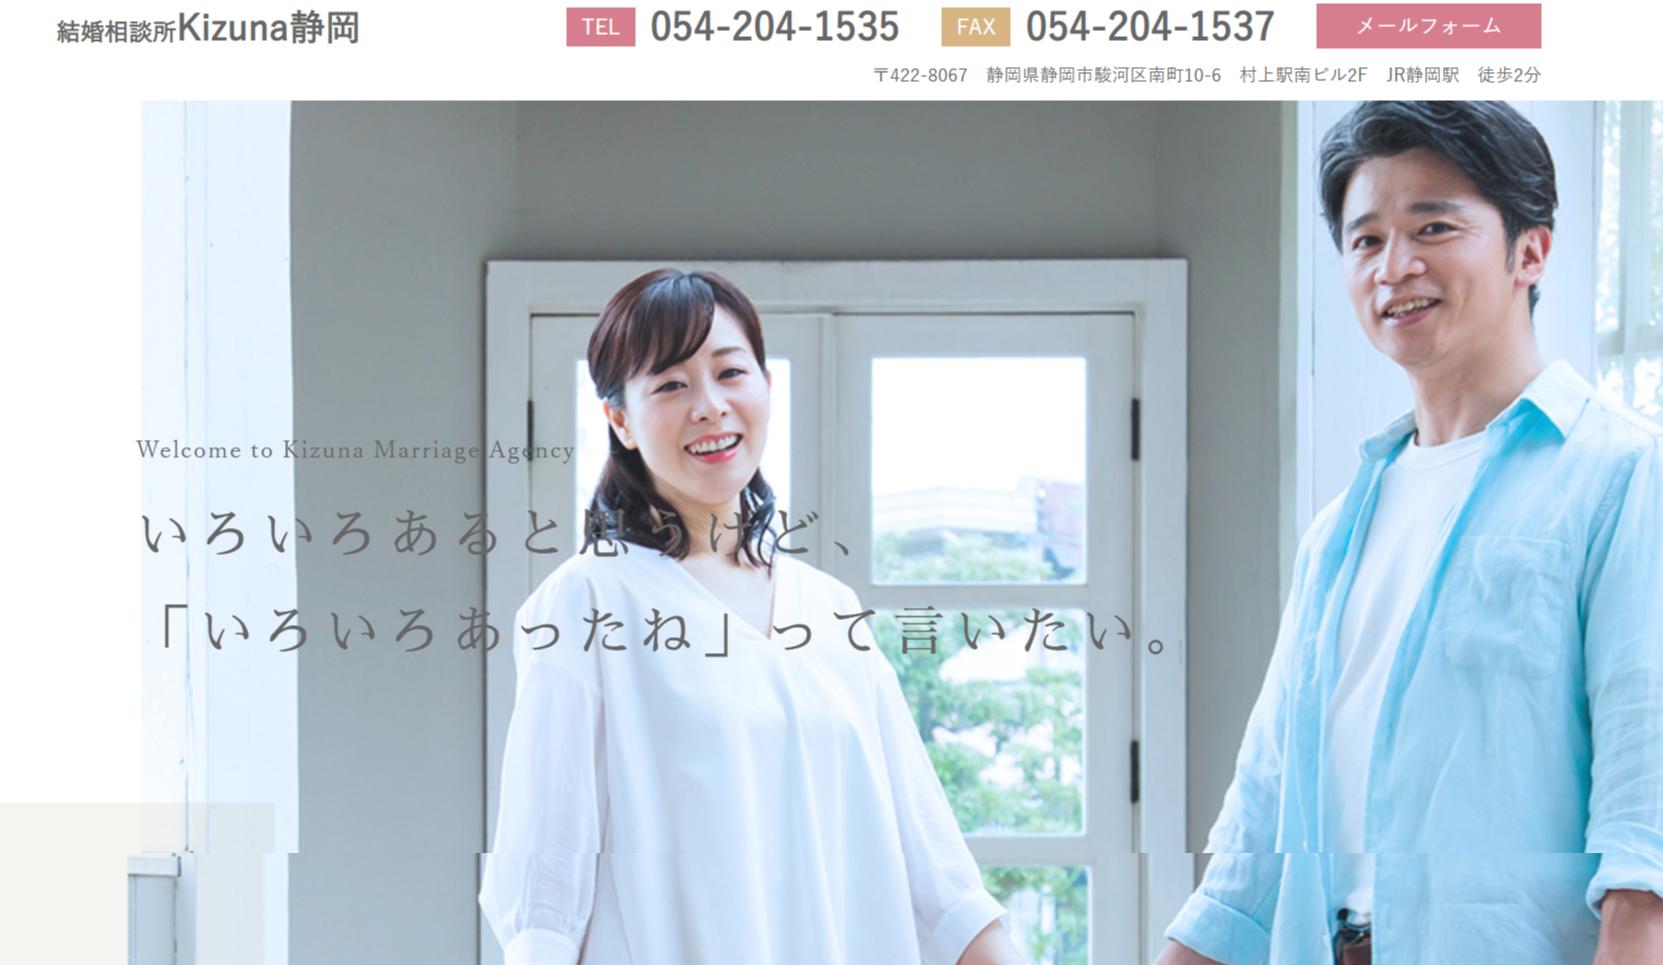 静岡県 結婚相談所 kizuna